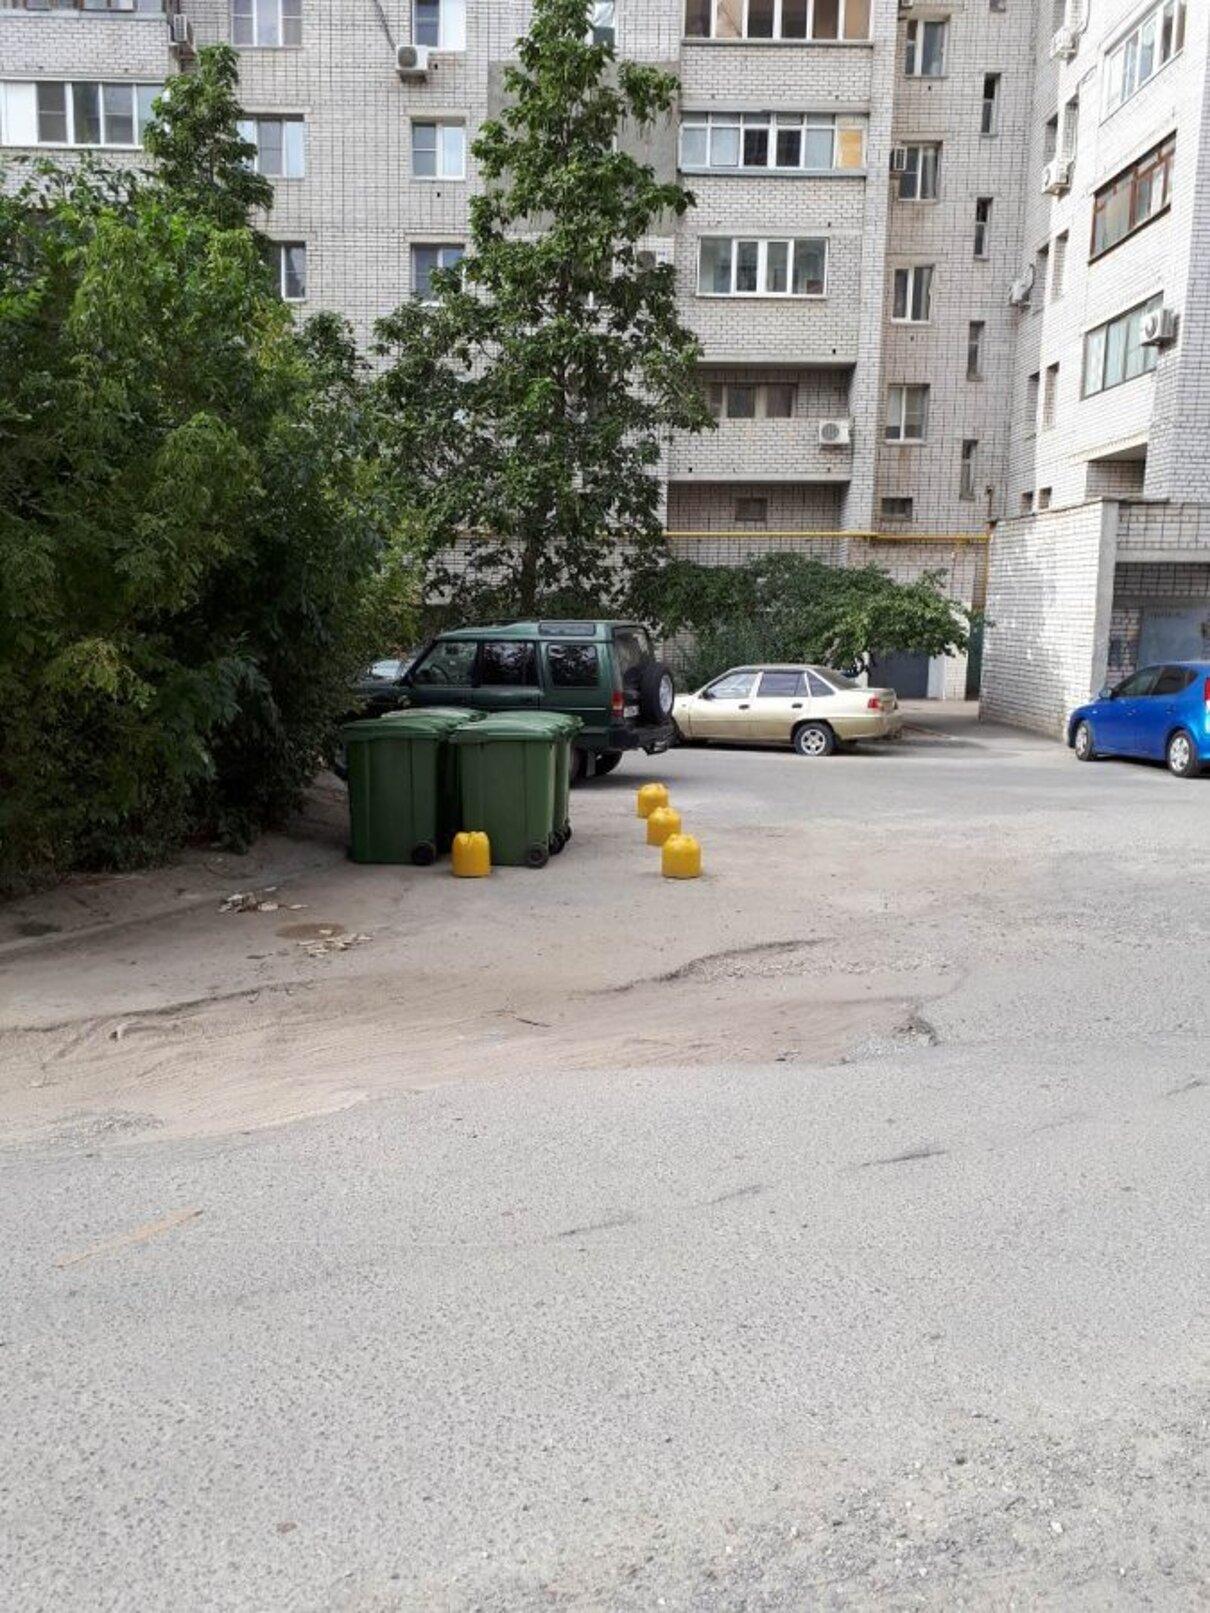 Жалоба-отзыв: УК «Жилкомсервис - Установка мусорных баков на проезжей части возле детской площадки.  Фото №3